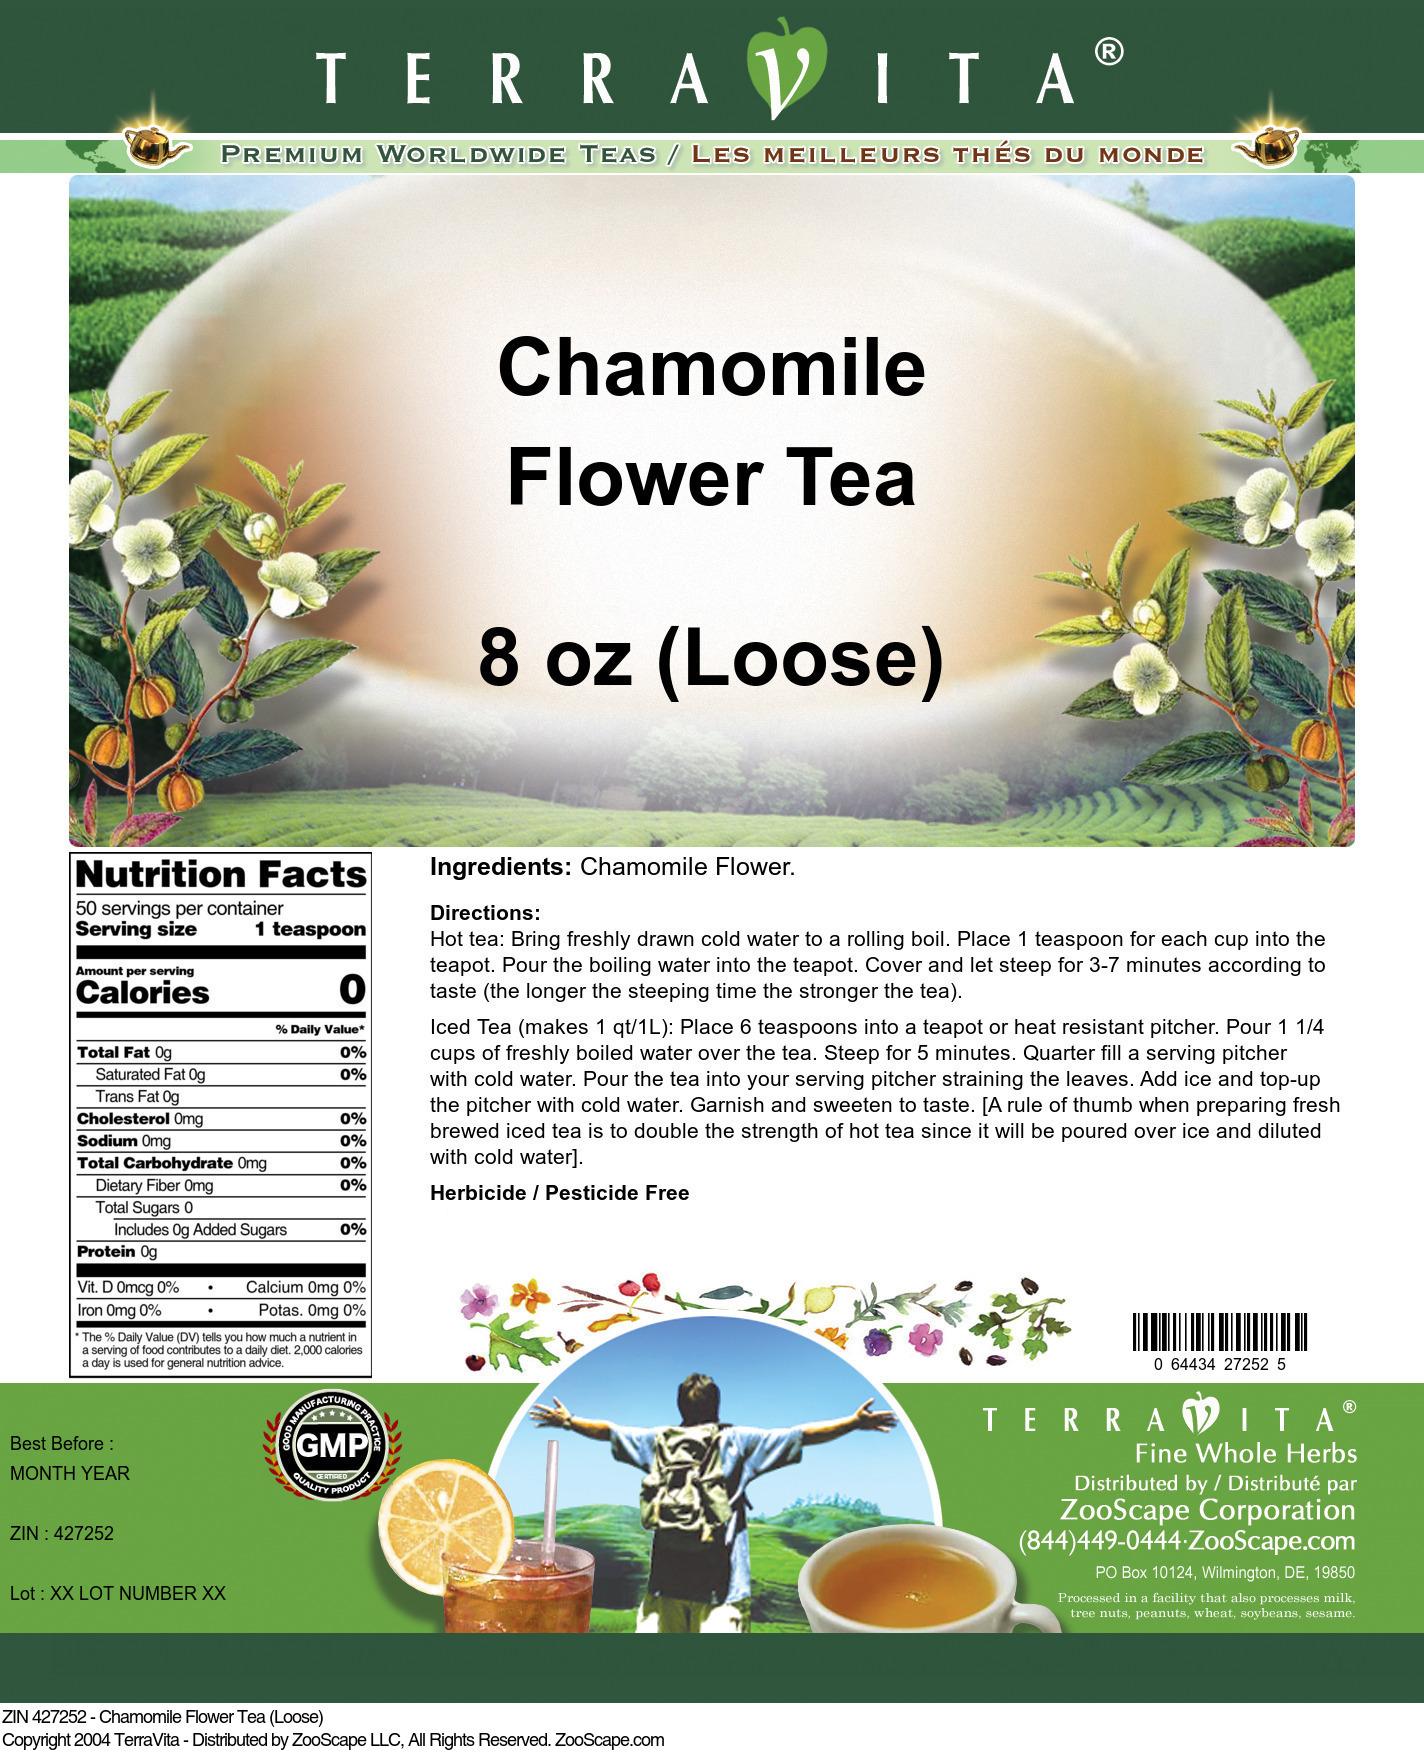 Chamomile Flower Tea (Loose)